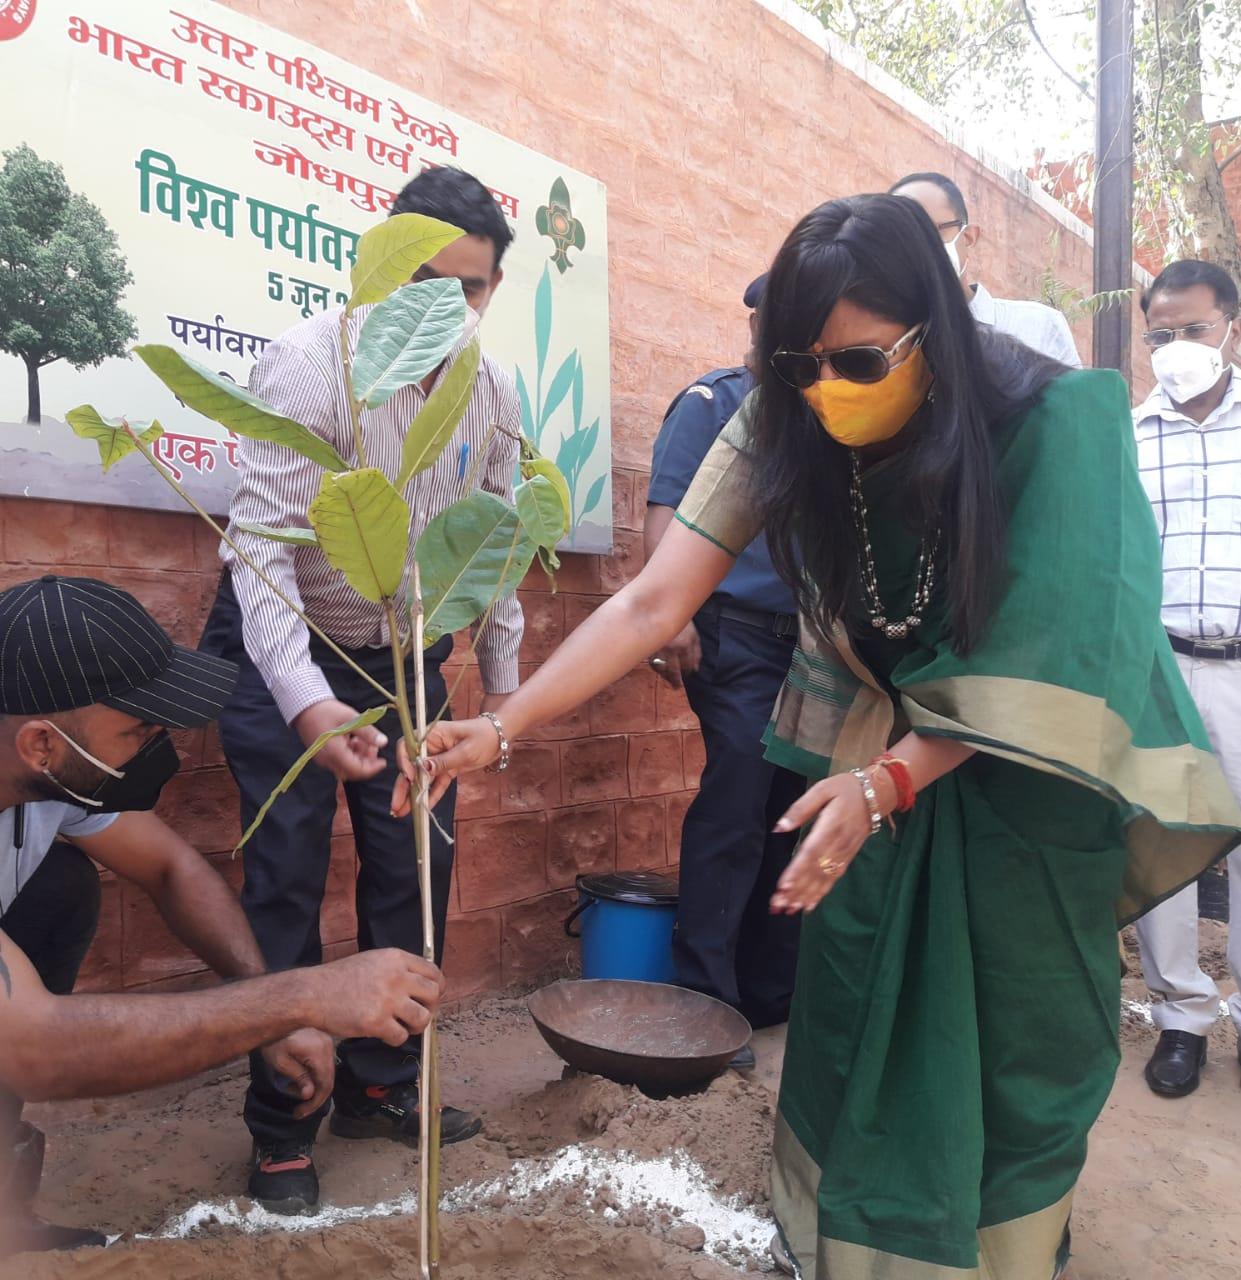 जोधपुर रेल मंडल ने एक दिन में 250 से ज्यादा स्थानों पर 4700 पौधे लगाये|राजस्थान,Rajasthan - Dainik Bhaskar